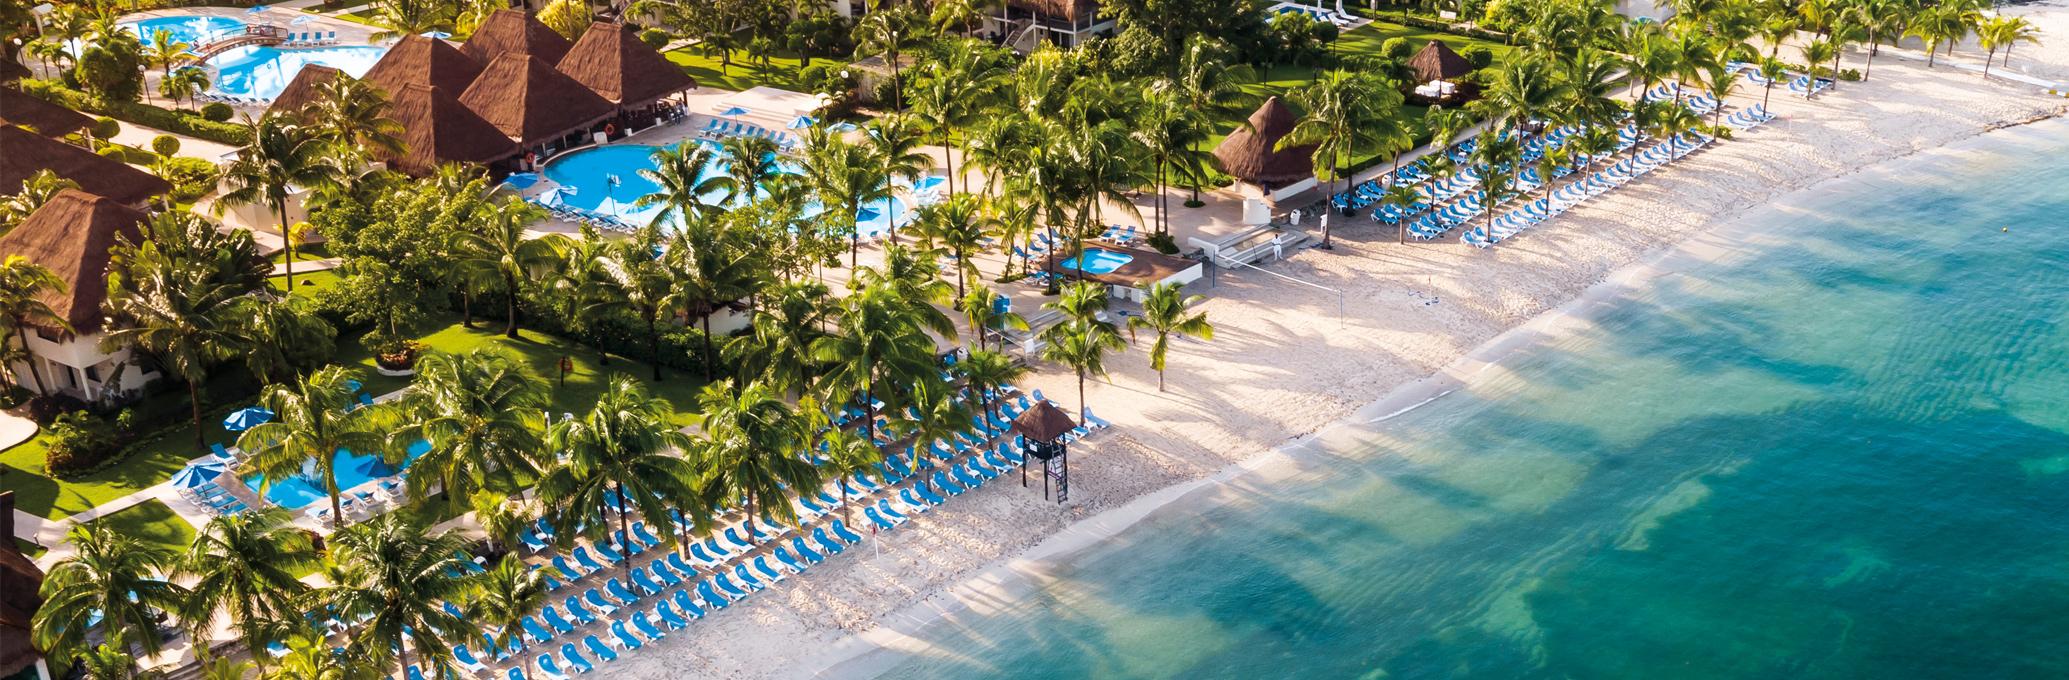 Allegro Cozumel: mejores hoteles en Cozumel